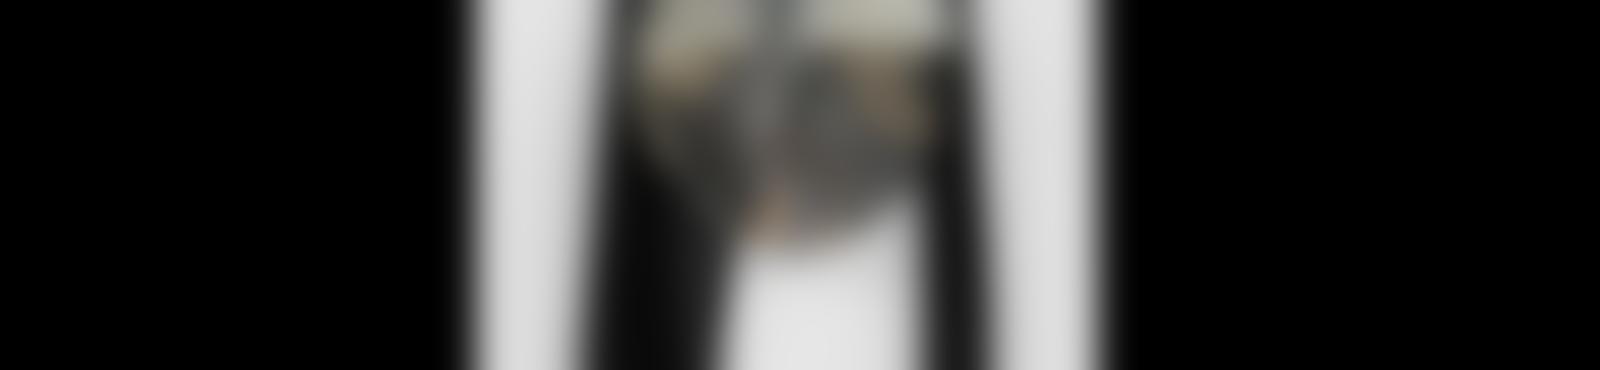 Blurred 17bf96be be3f 4783 b438 41f36718b218